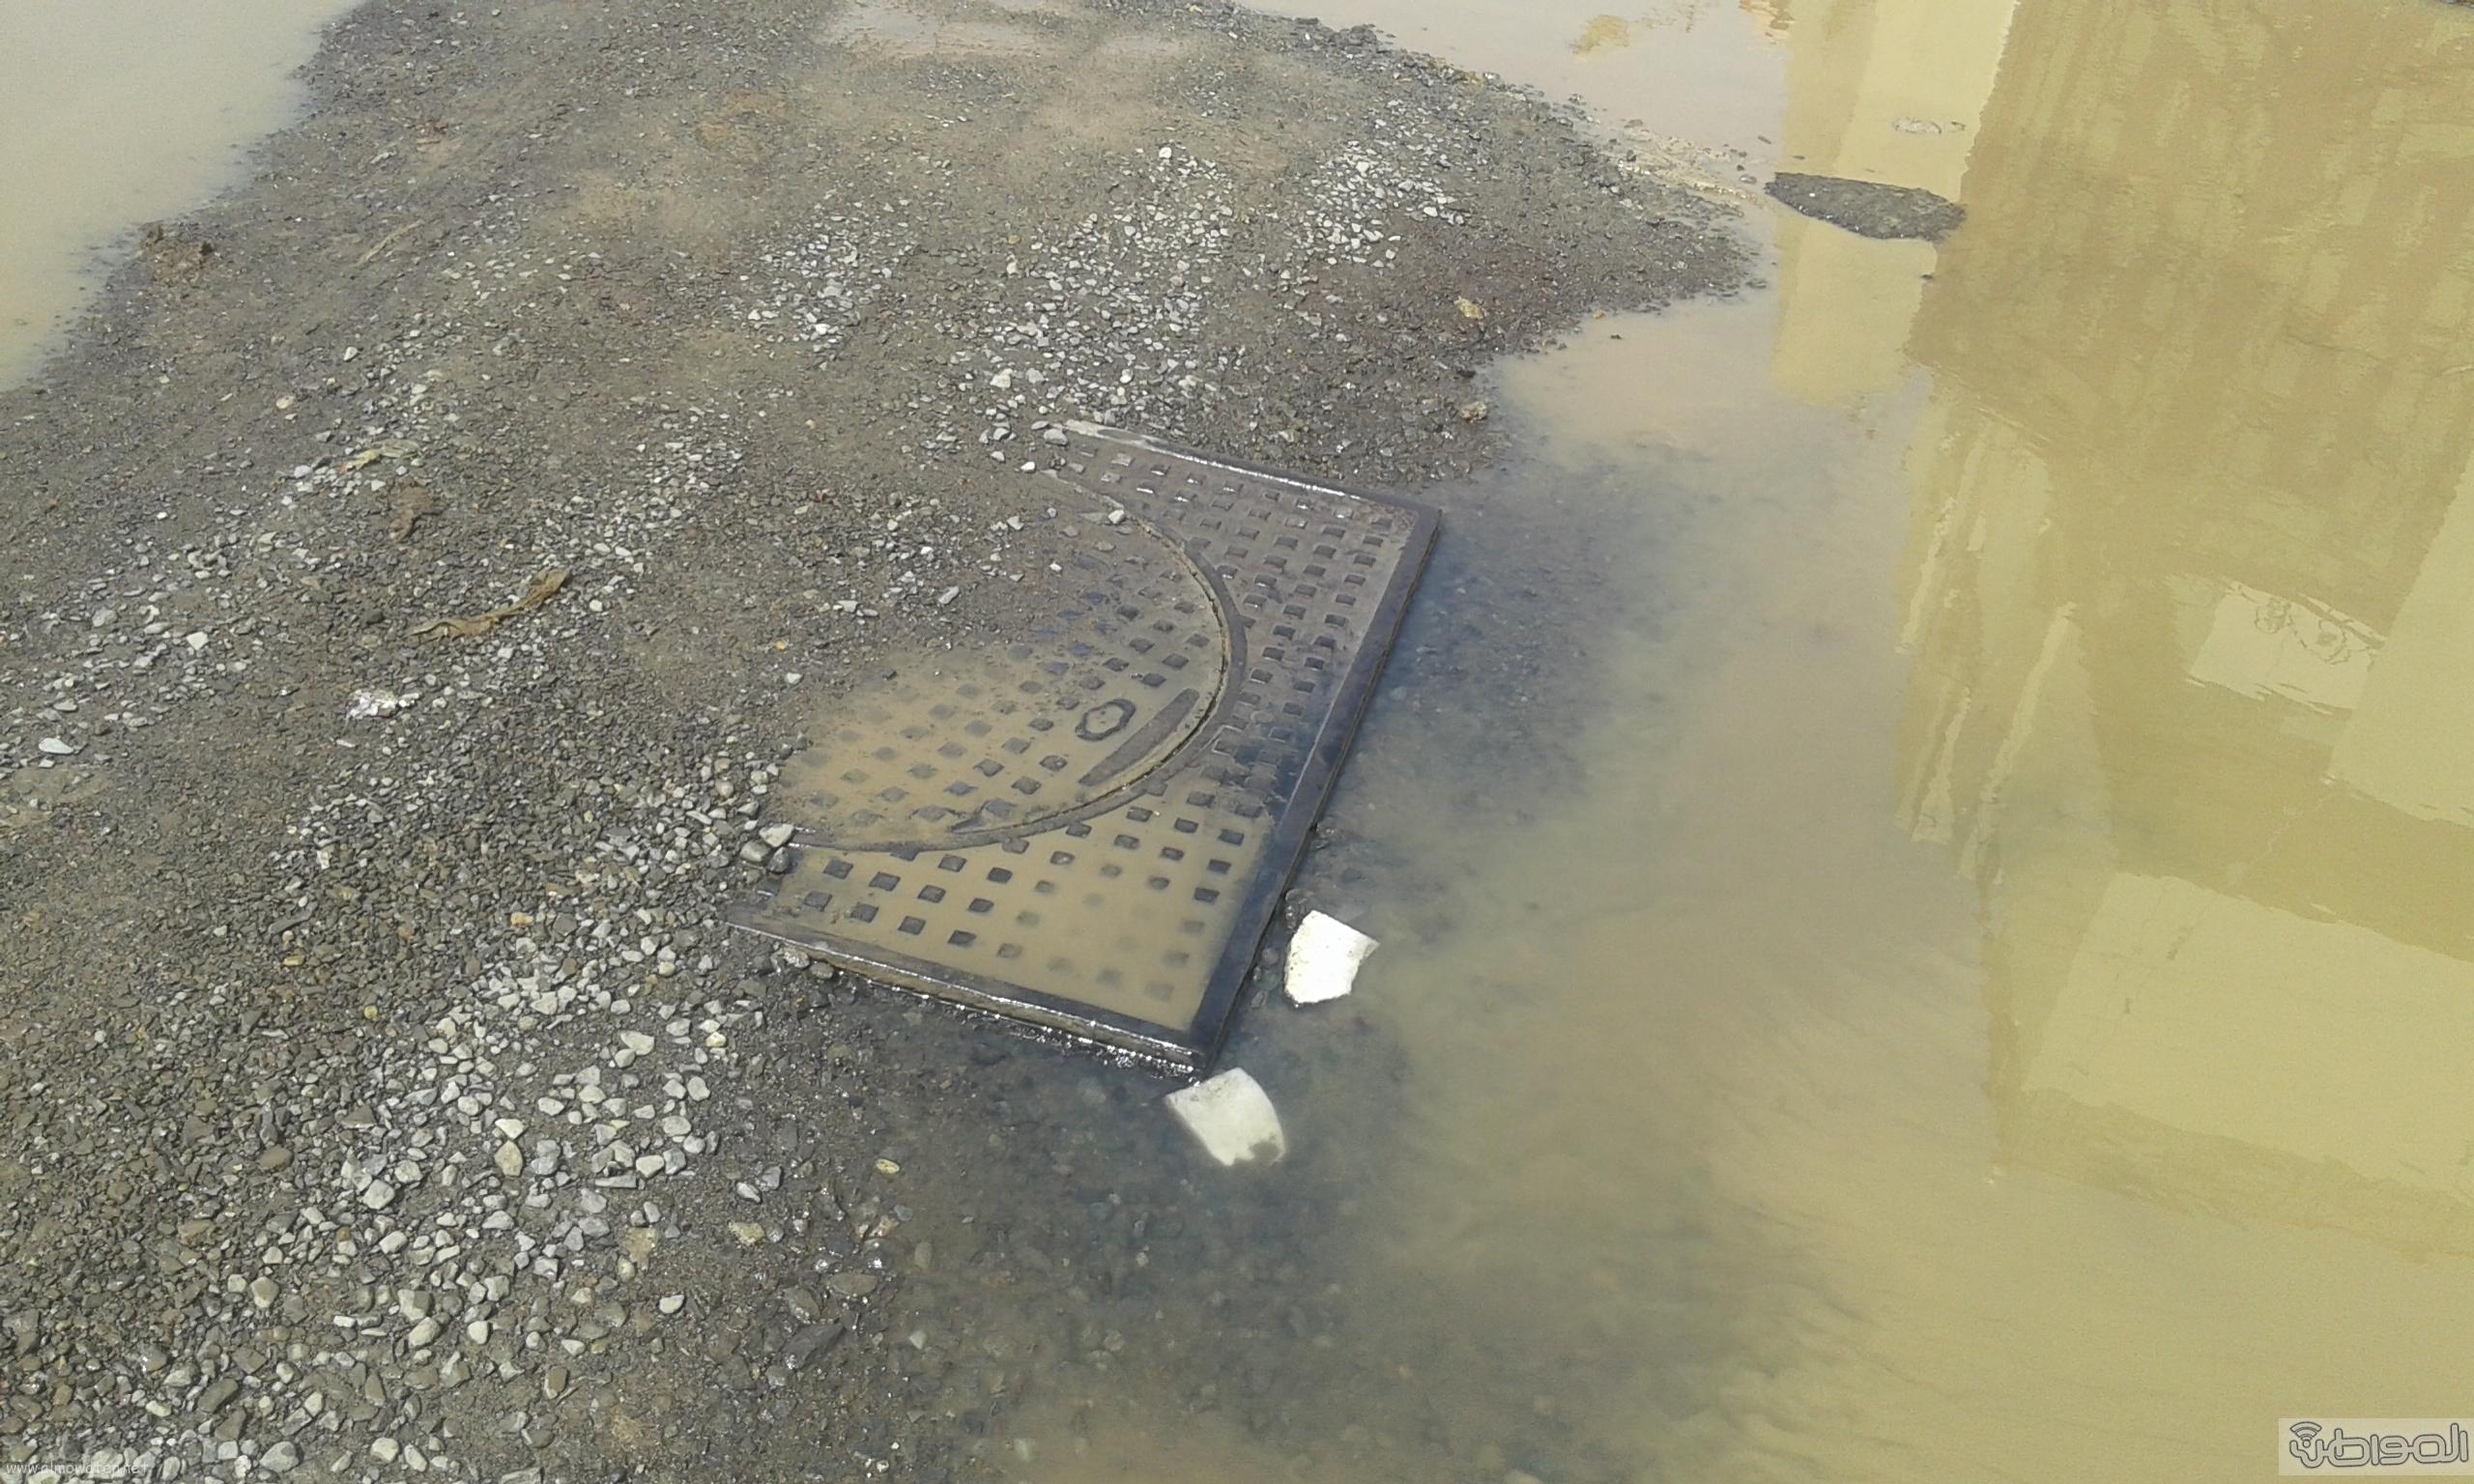 مياه الصرف الصحي تحاصر مسجد ومباني حكومية بروضة جازان (9)